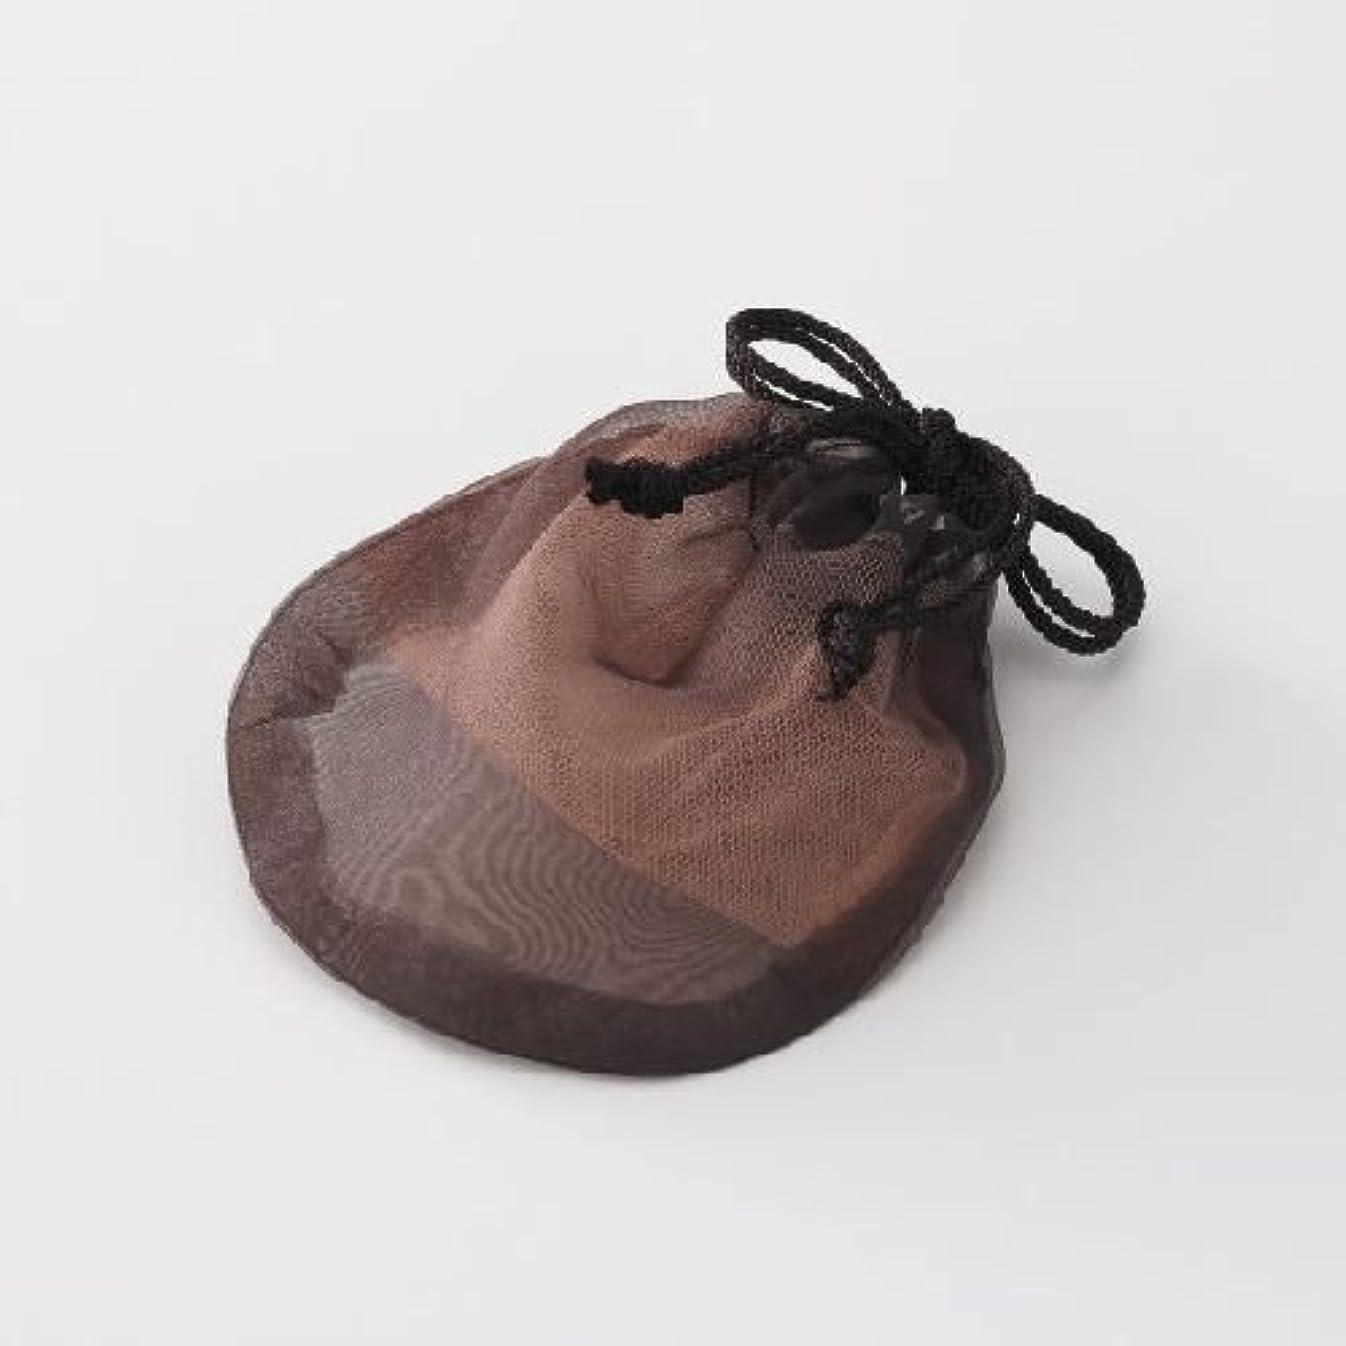 噴火笑いコンテストピギーバックス ソープネット 瞬時にマシュマロのようなお肌に負担をかけないキメ細かな泡をつくることができるオシャレなポーチ型オリジナル【泡だてネット】!衛生的に固形石鹸の保存もできます。